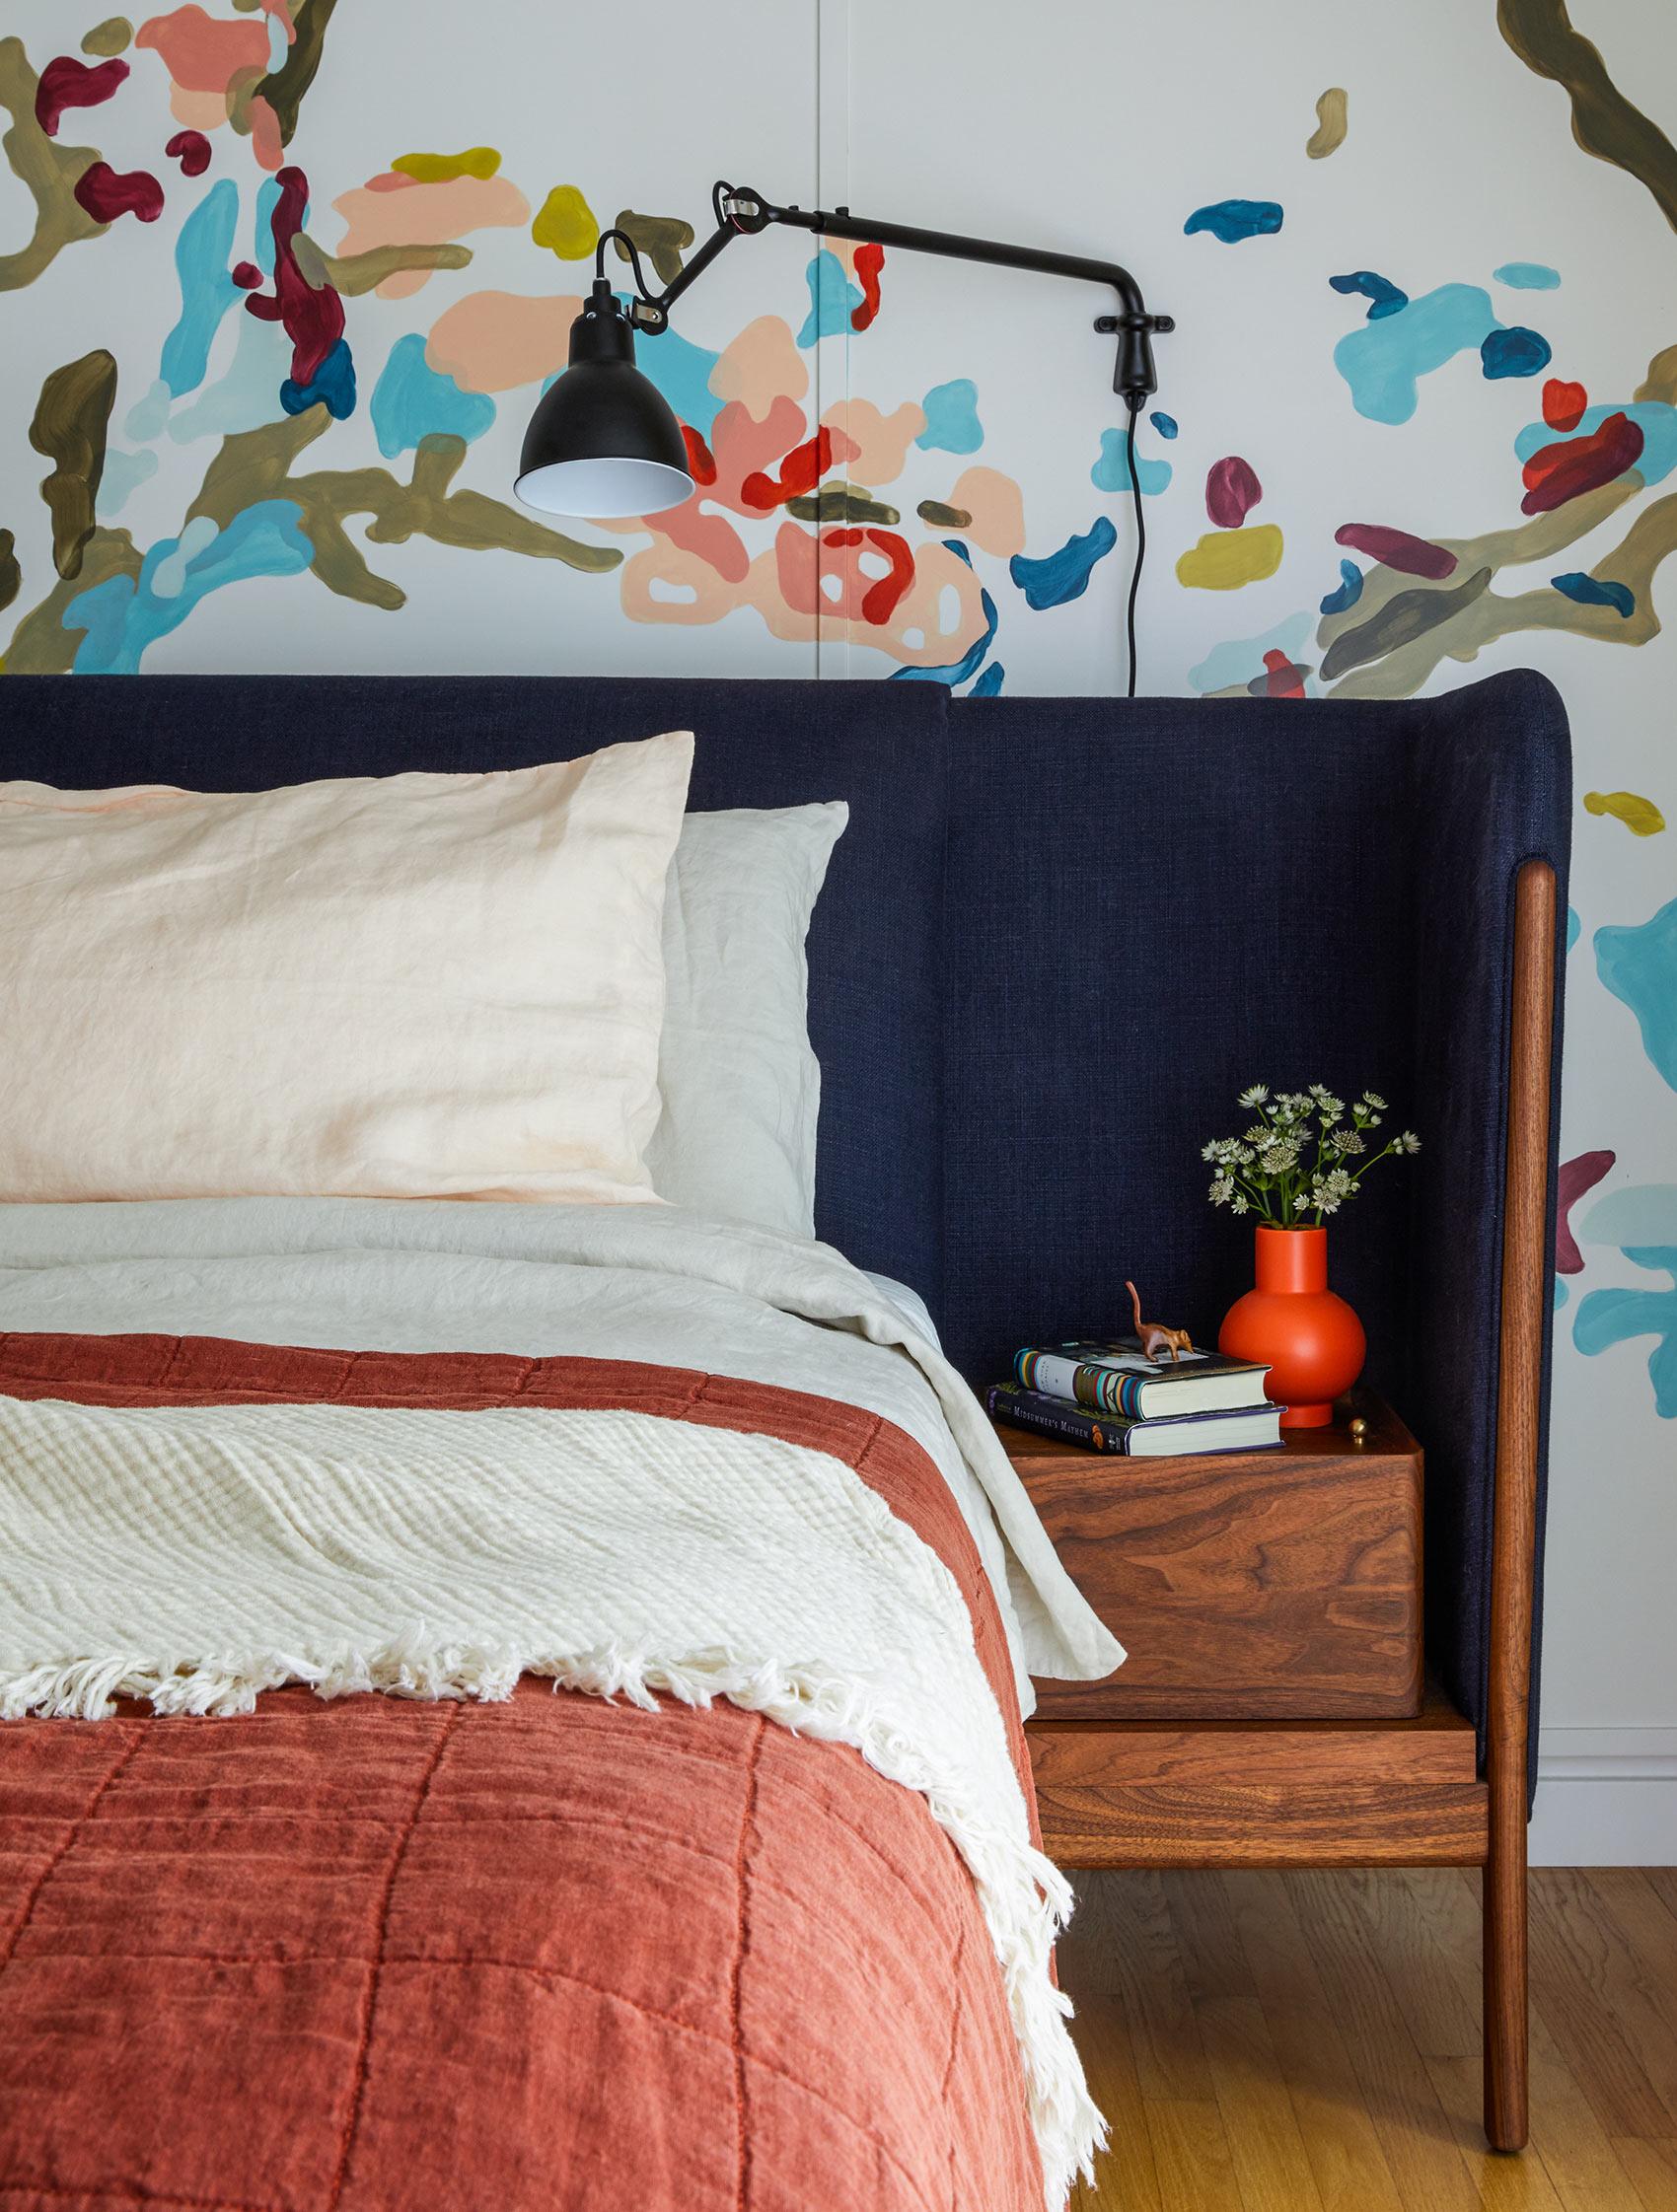 Bedroom Murals, Interior Design